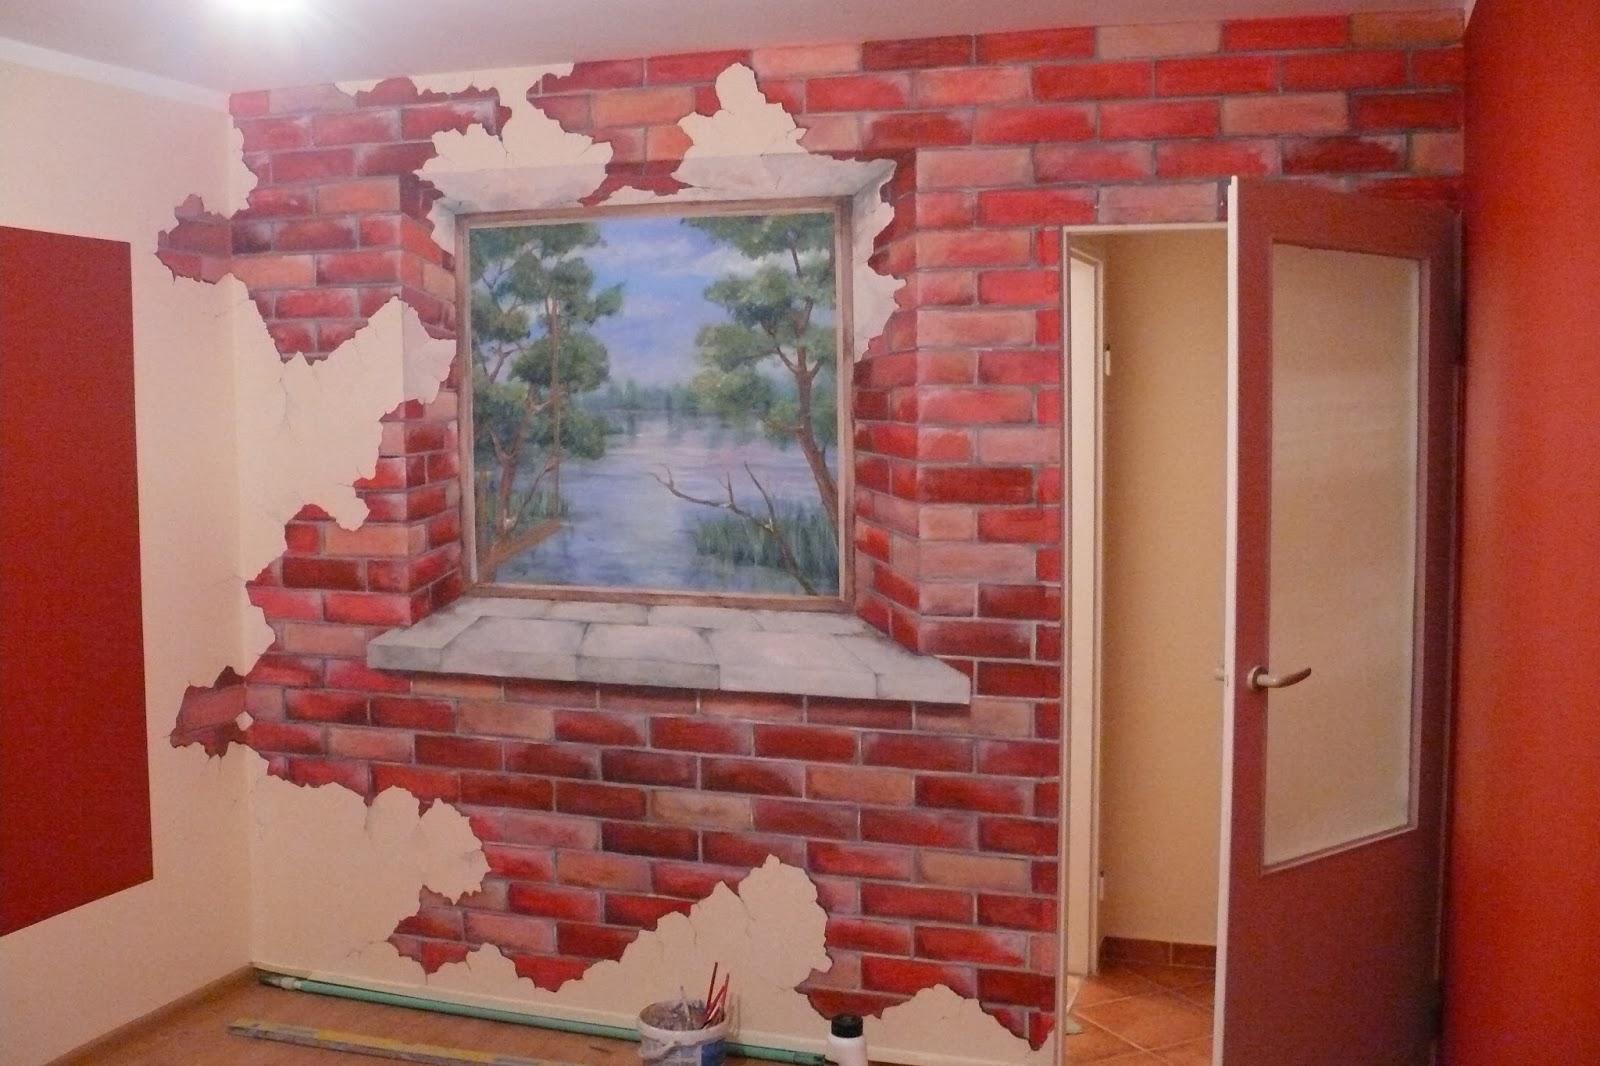 Artystyczne malowanie ściany, malowanie widoku z okna